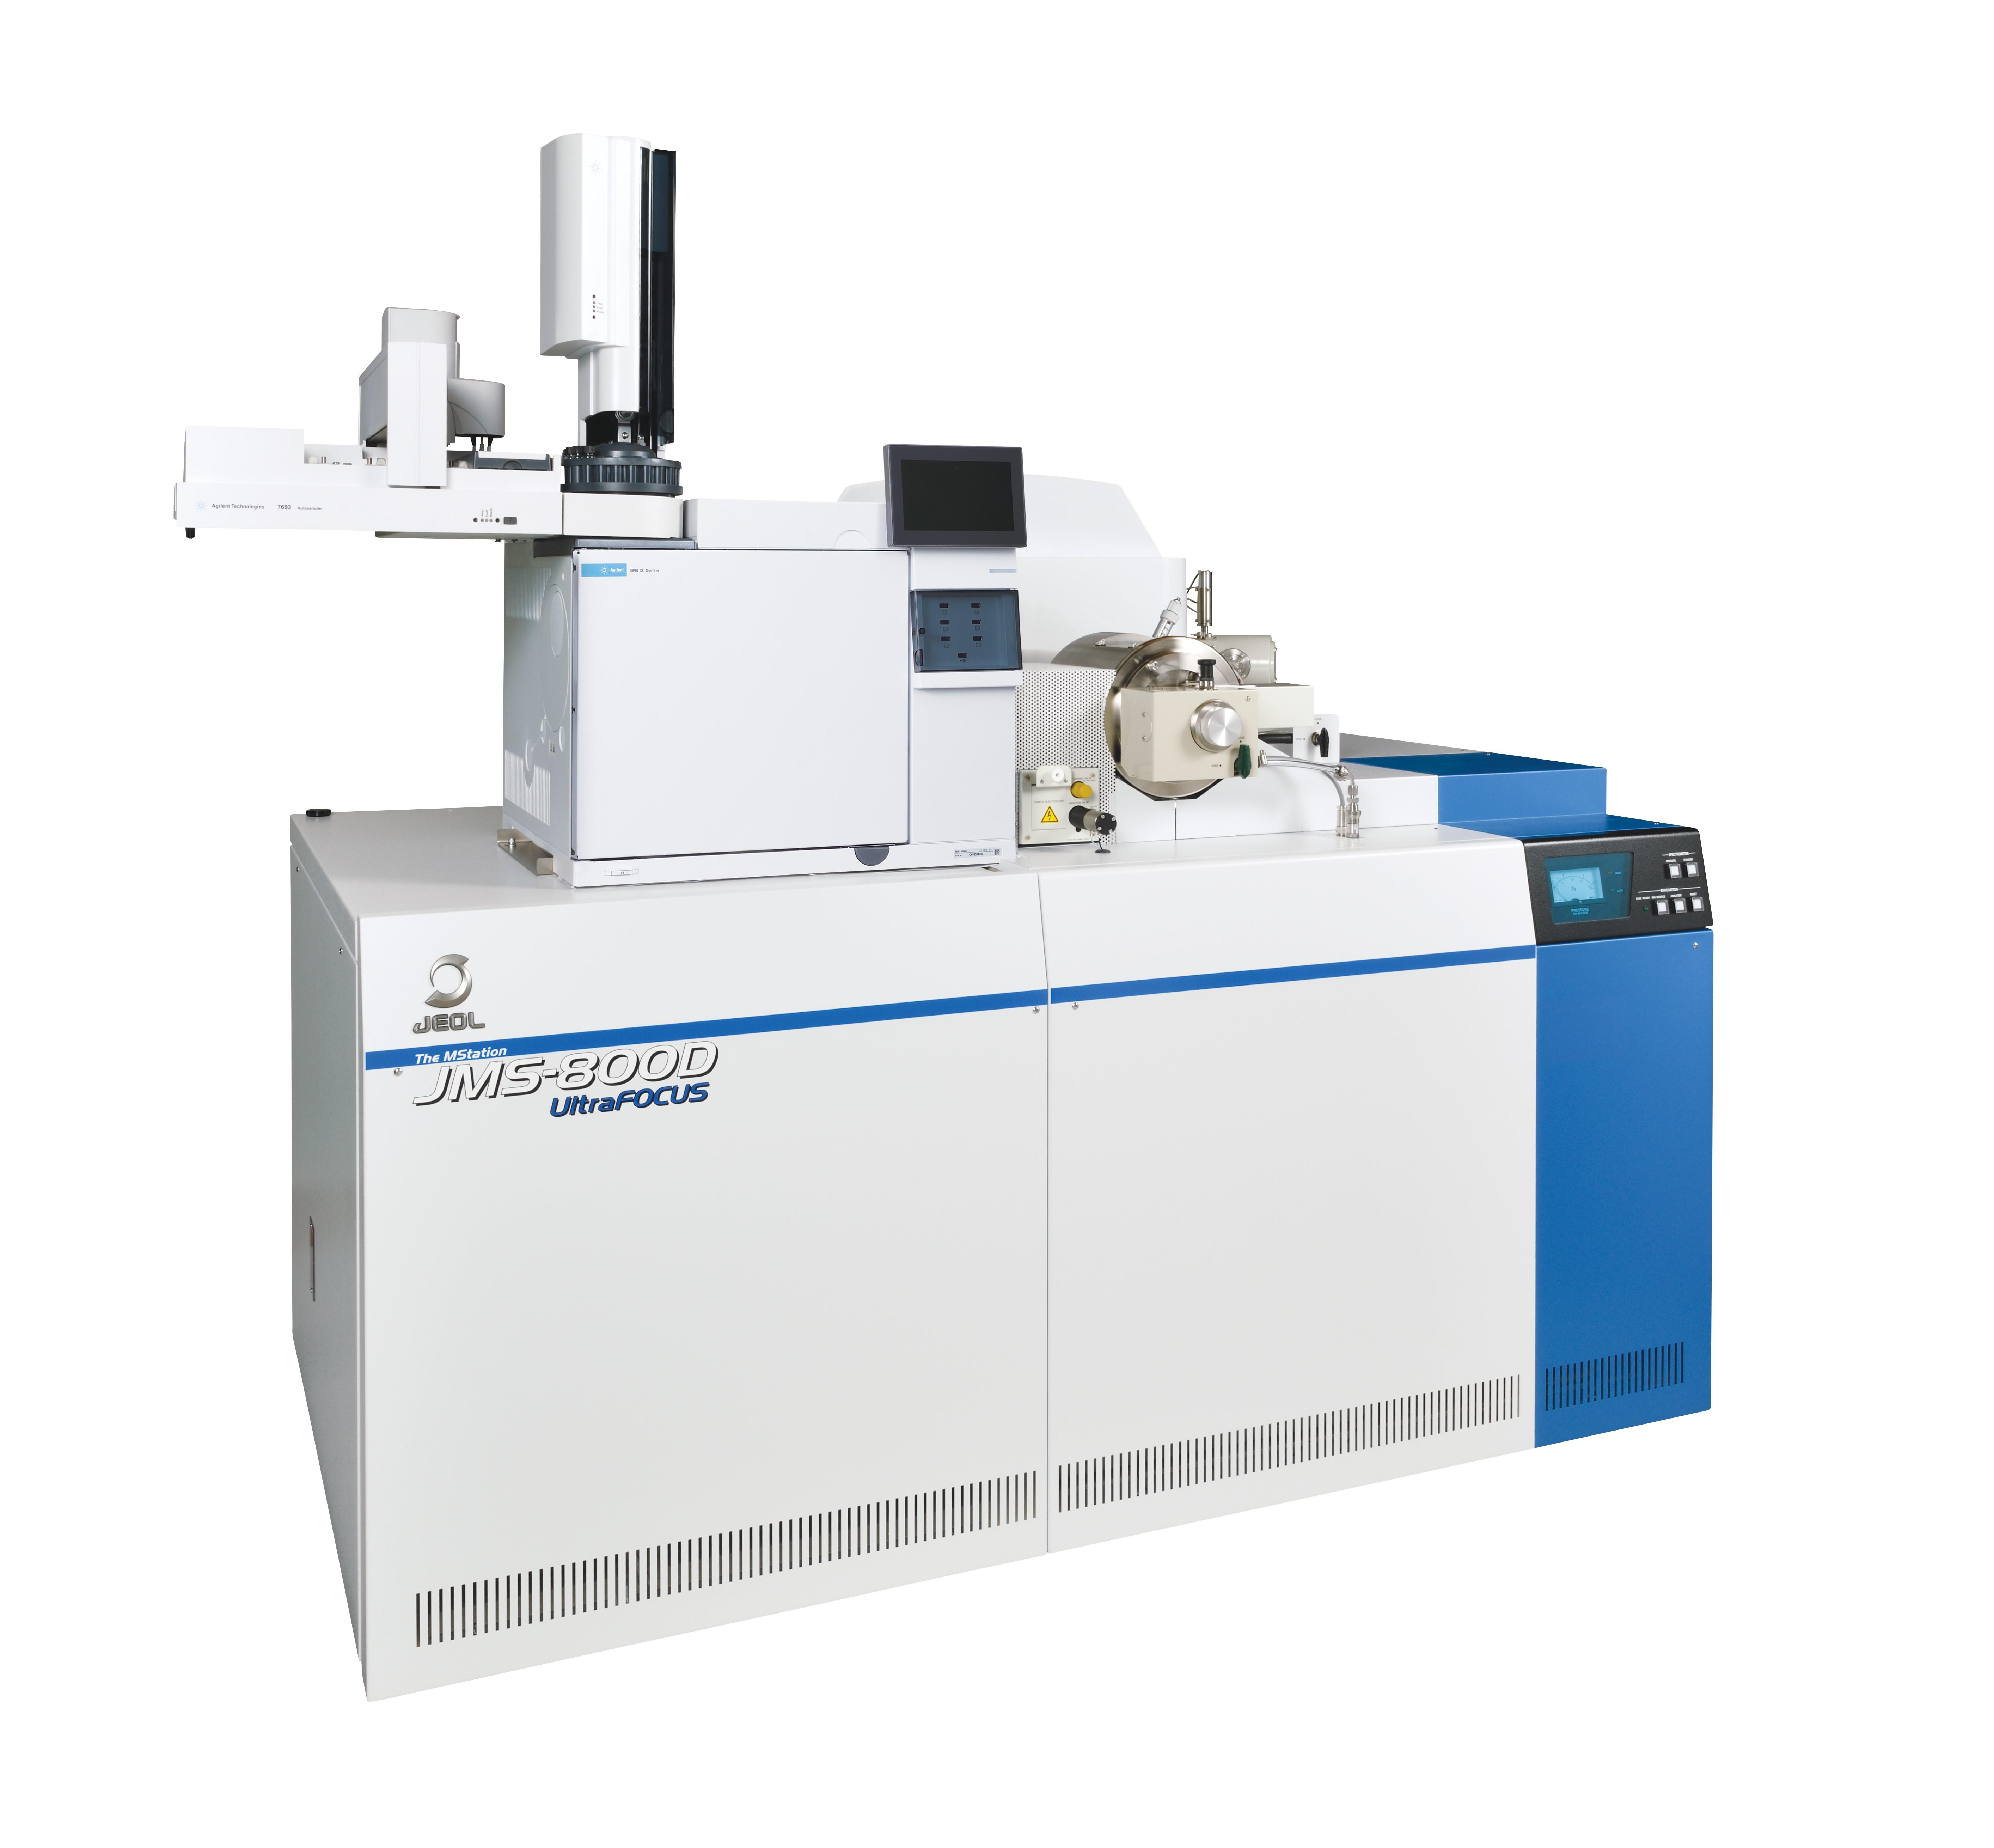 JMS-800D UltraFOCUS